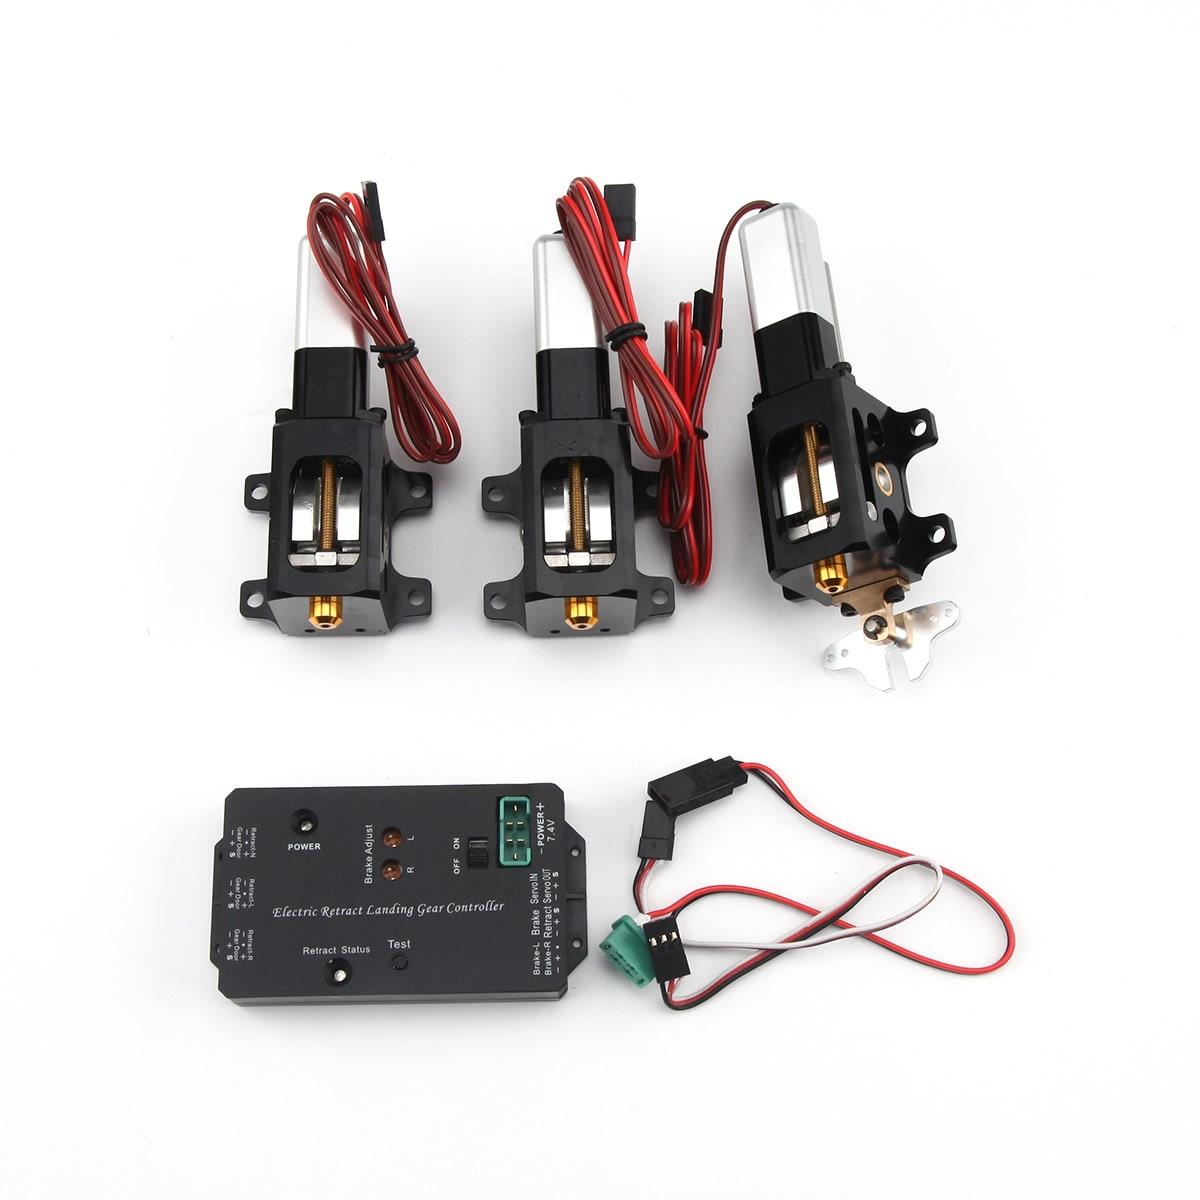 3 قطعة/مجموعة CYS-R2090 90 درجة الكهربائية الدورية التراجع الهبوط لمدة 6.0 ~ 12 كجم RC دوامة/طائرة نفاثة